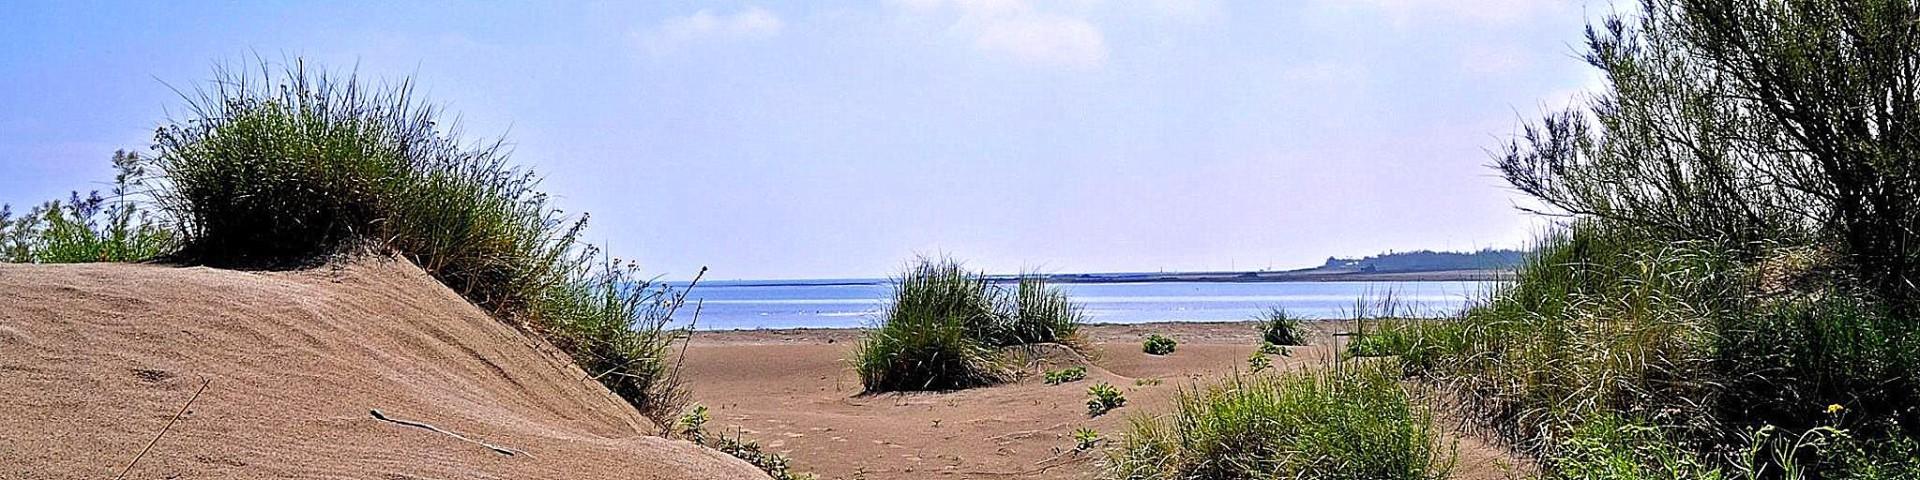 Rosolina Mare, v jižní části jsou kilometry opuštěných přírodních pláží